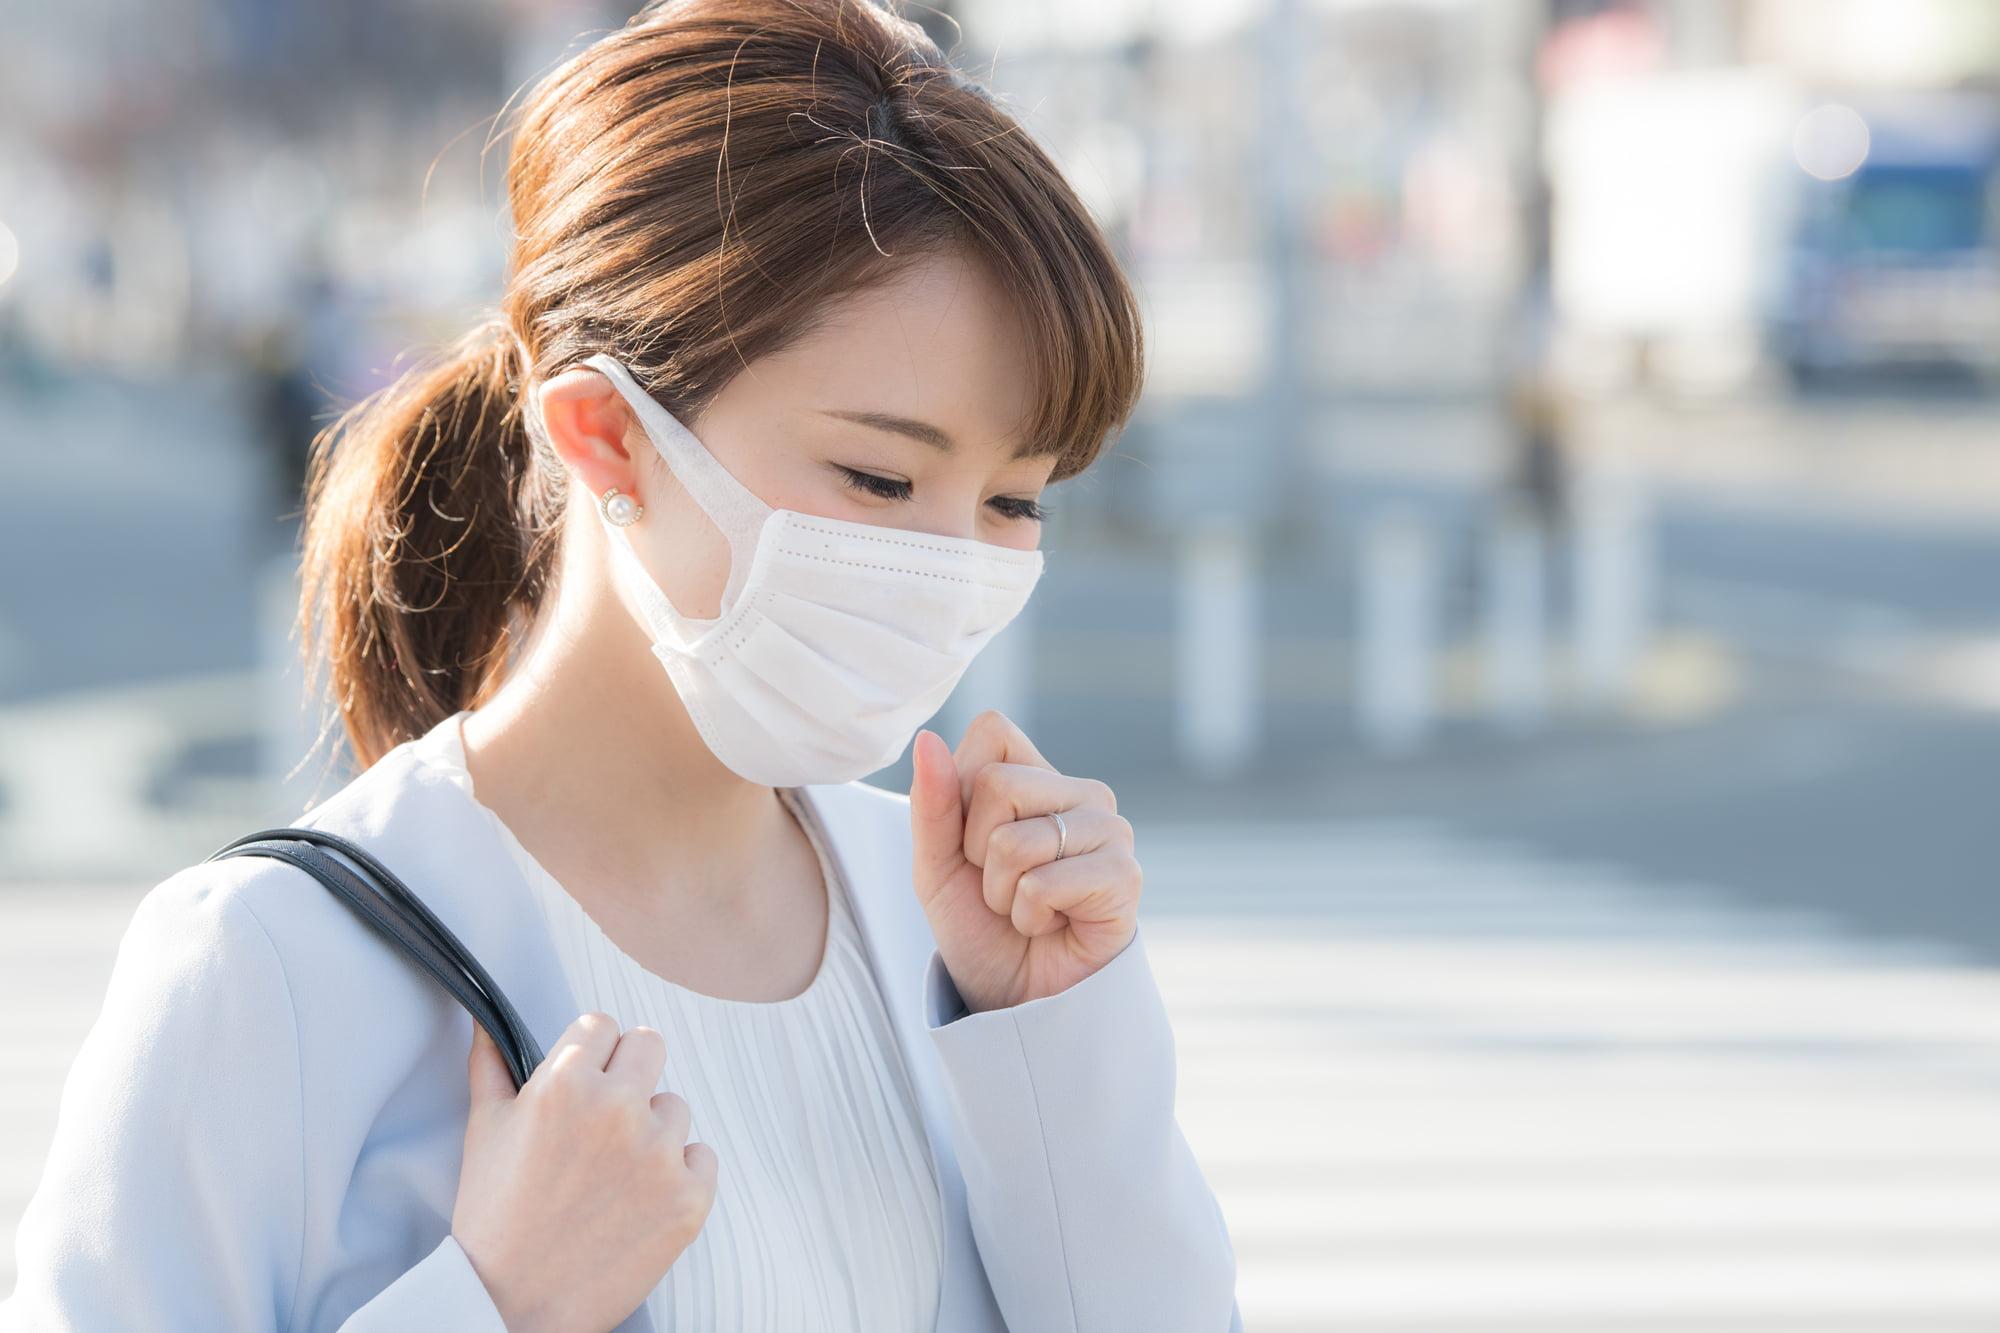 派遣-インフルエンザを患った女性派遣社員